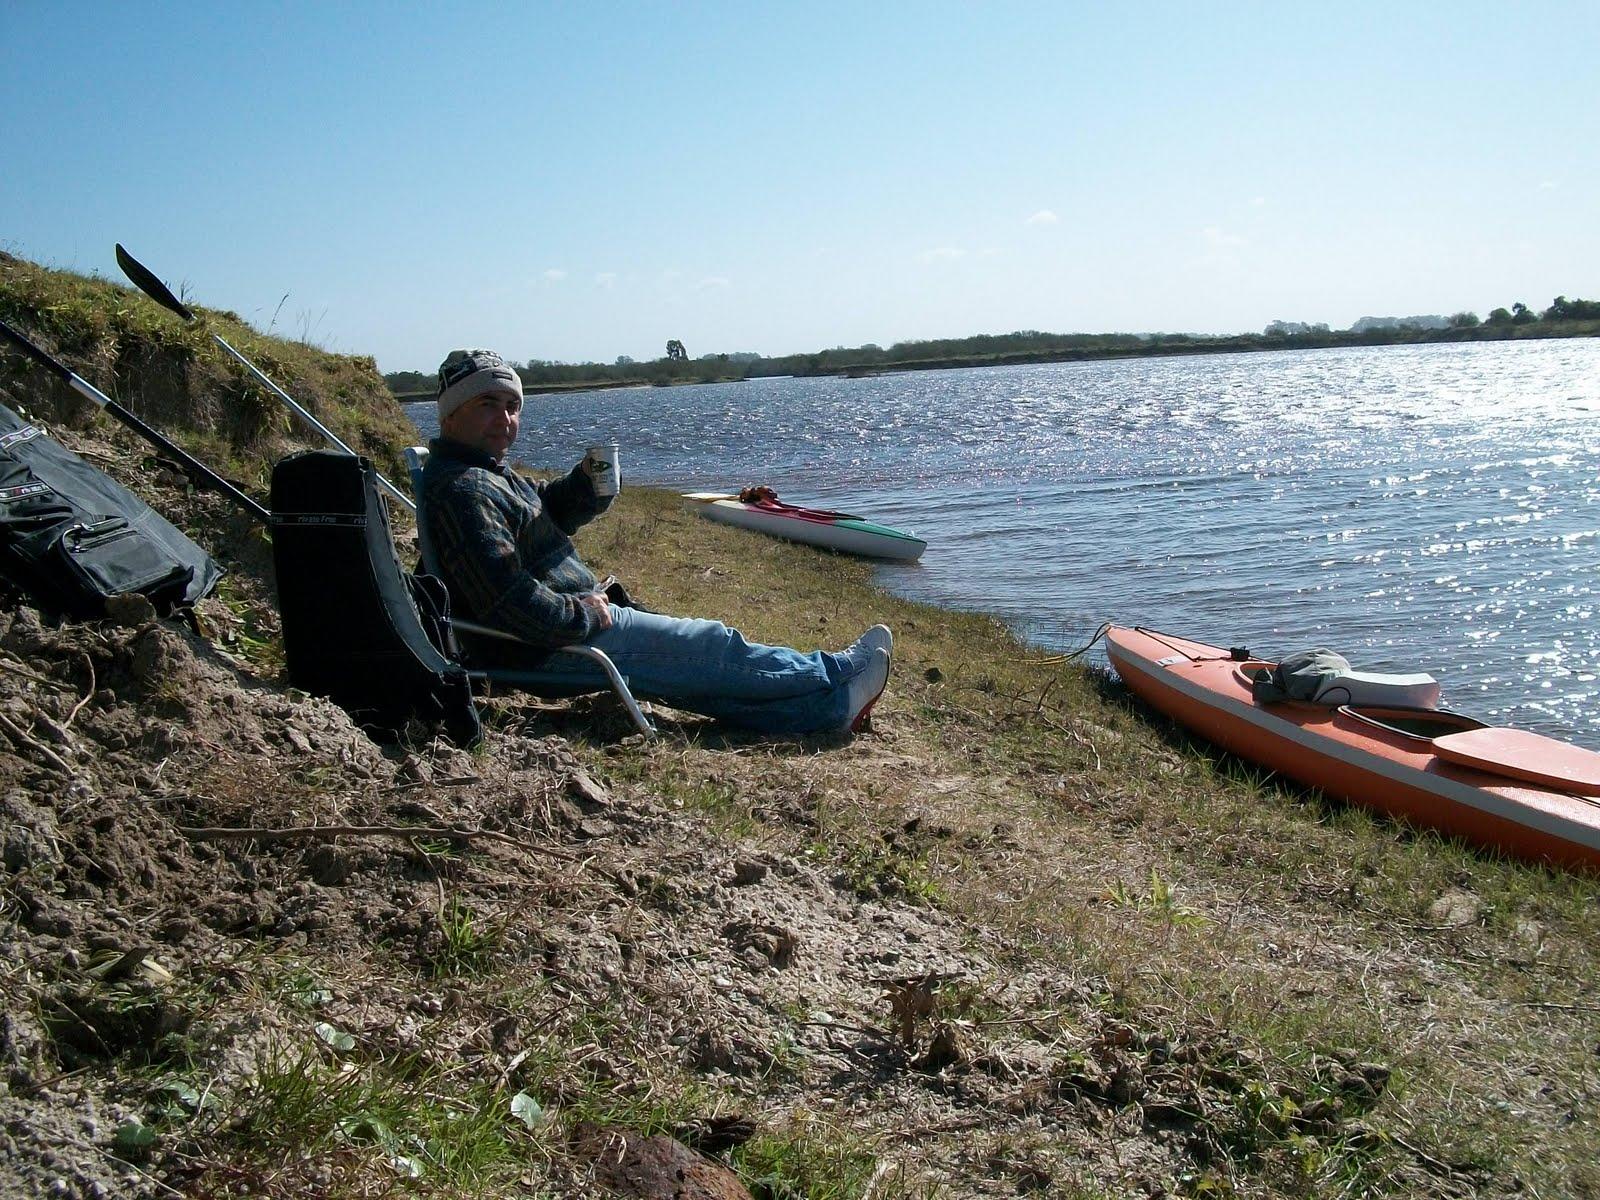 caiacandogrupo de canoagem de pelotasrs lago227o no